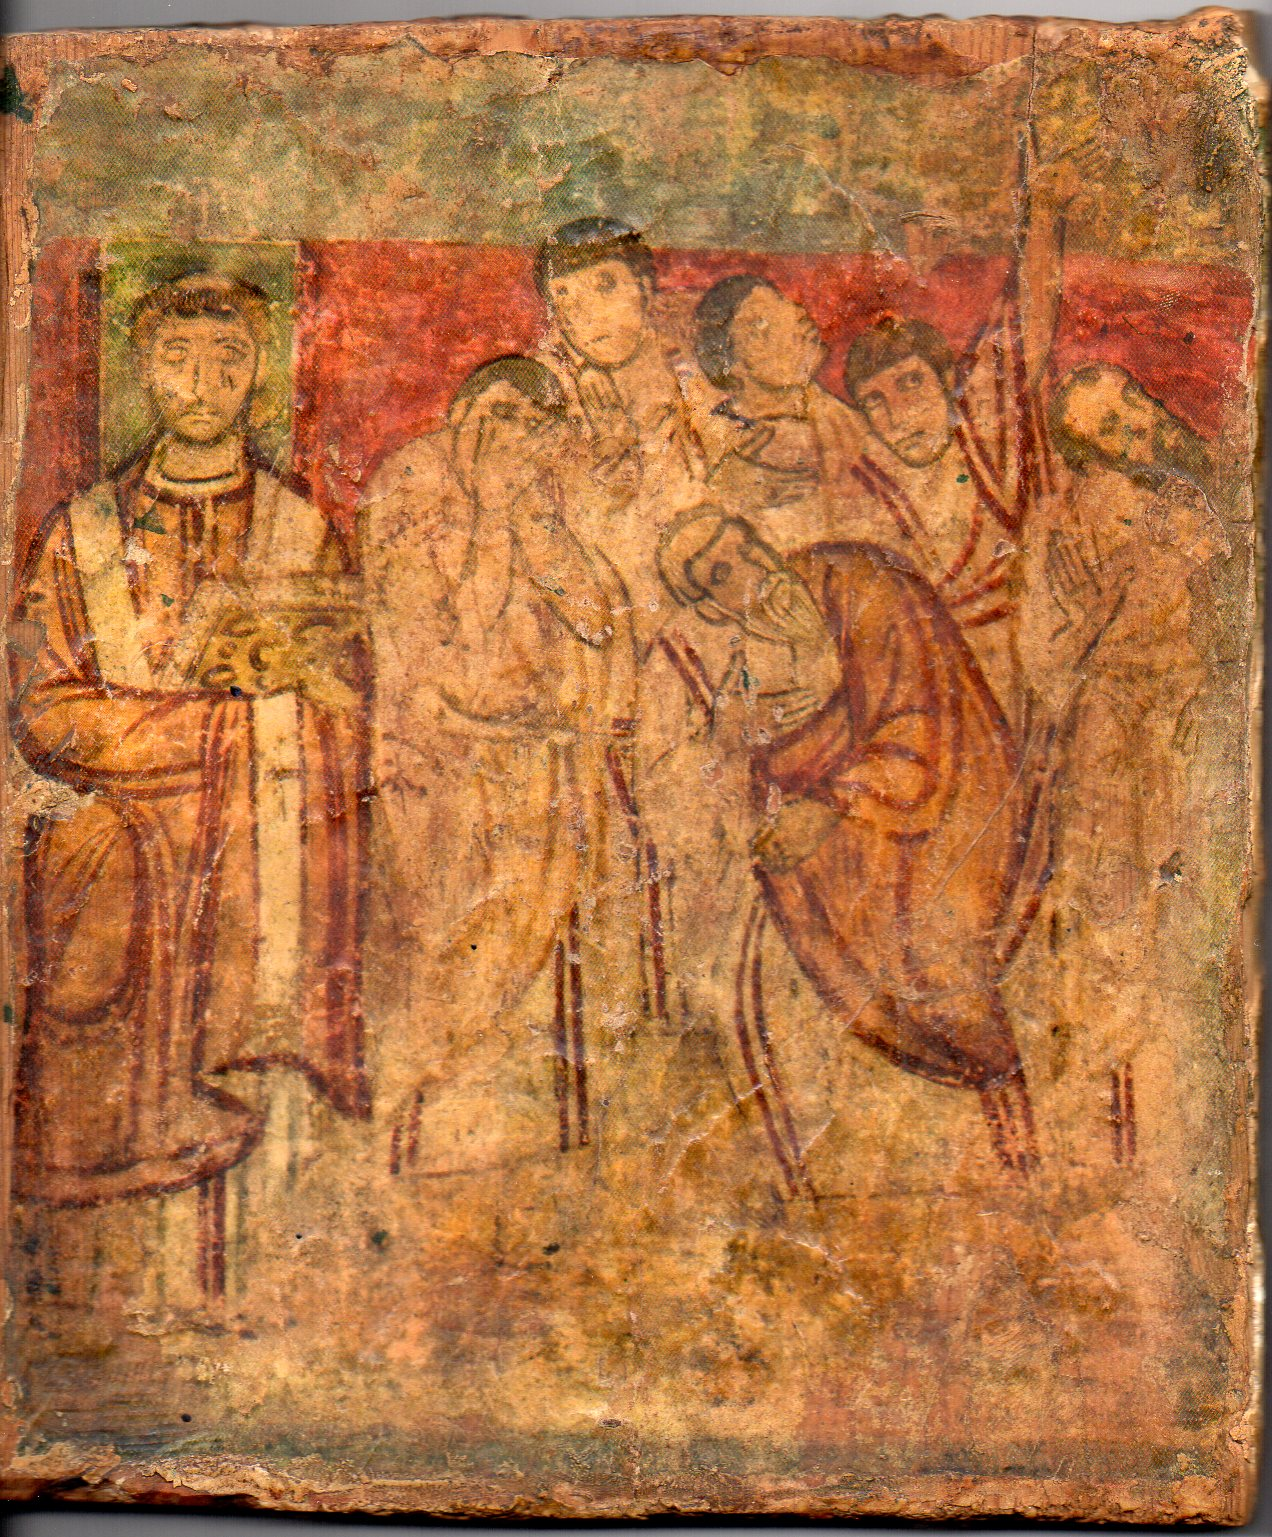 Icône Byzantine de l'Église d'Alexandrie, toile sur plâtre et bois, 1-2ème siècle. On y voit des chrétiens apeurés et craintifs, avec sur la gauche ce qui semble un évêque, peut-être Pamphile de Césarée (à confirmer)